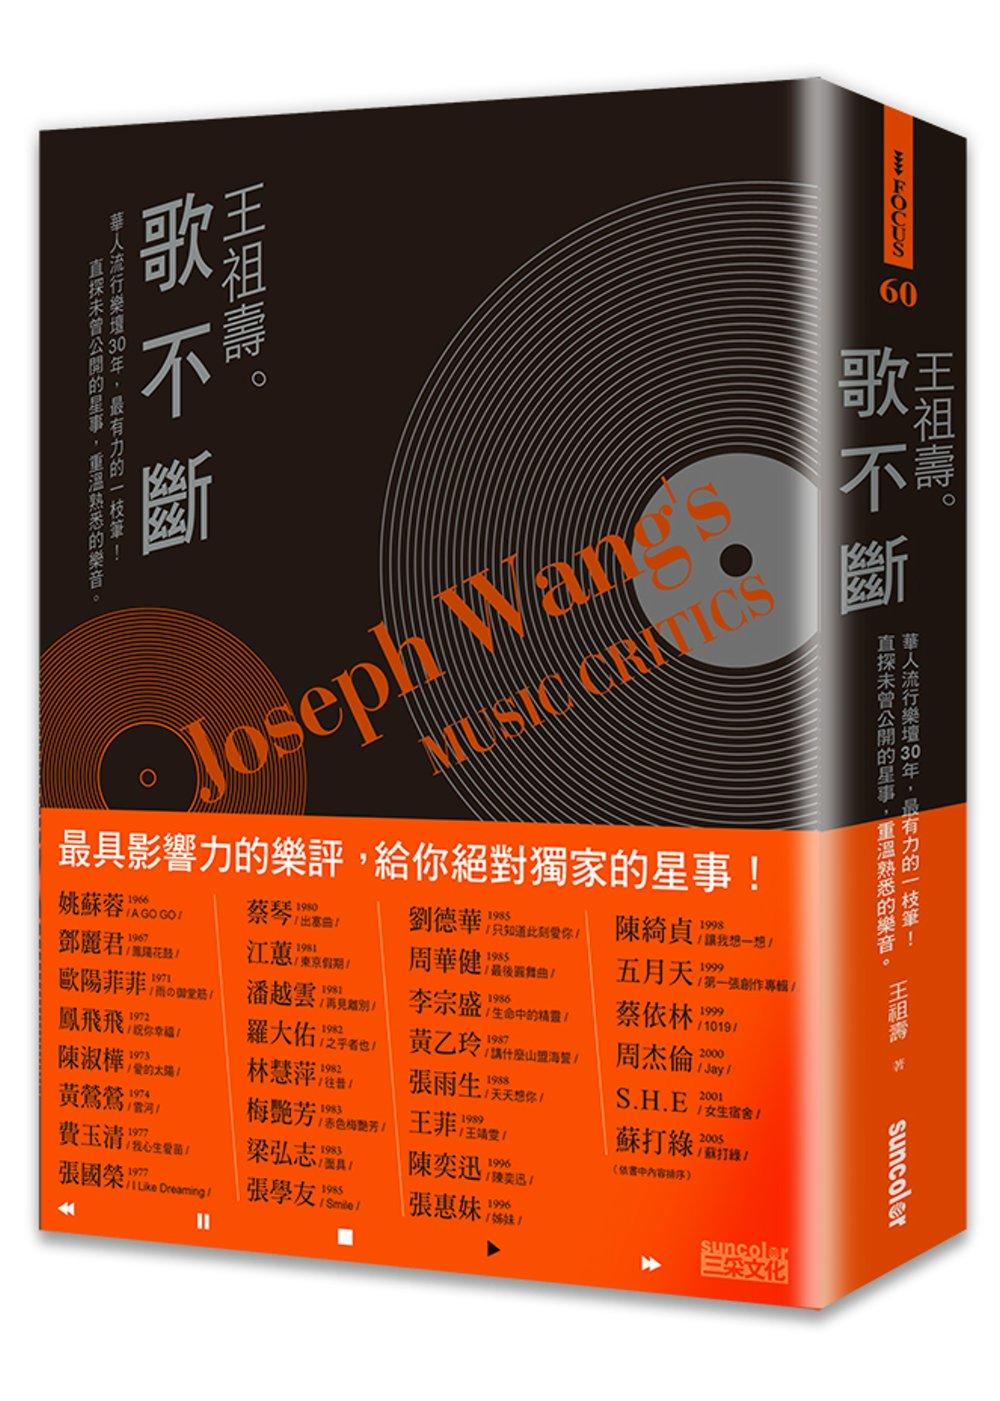 王祖壽。歌不斷:華人流行樂壇30年最有力的一枝筆!直探未曾公開的星事,重溫熟悉的樂音